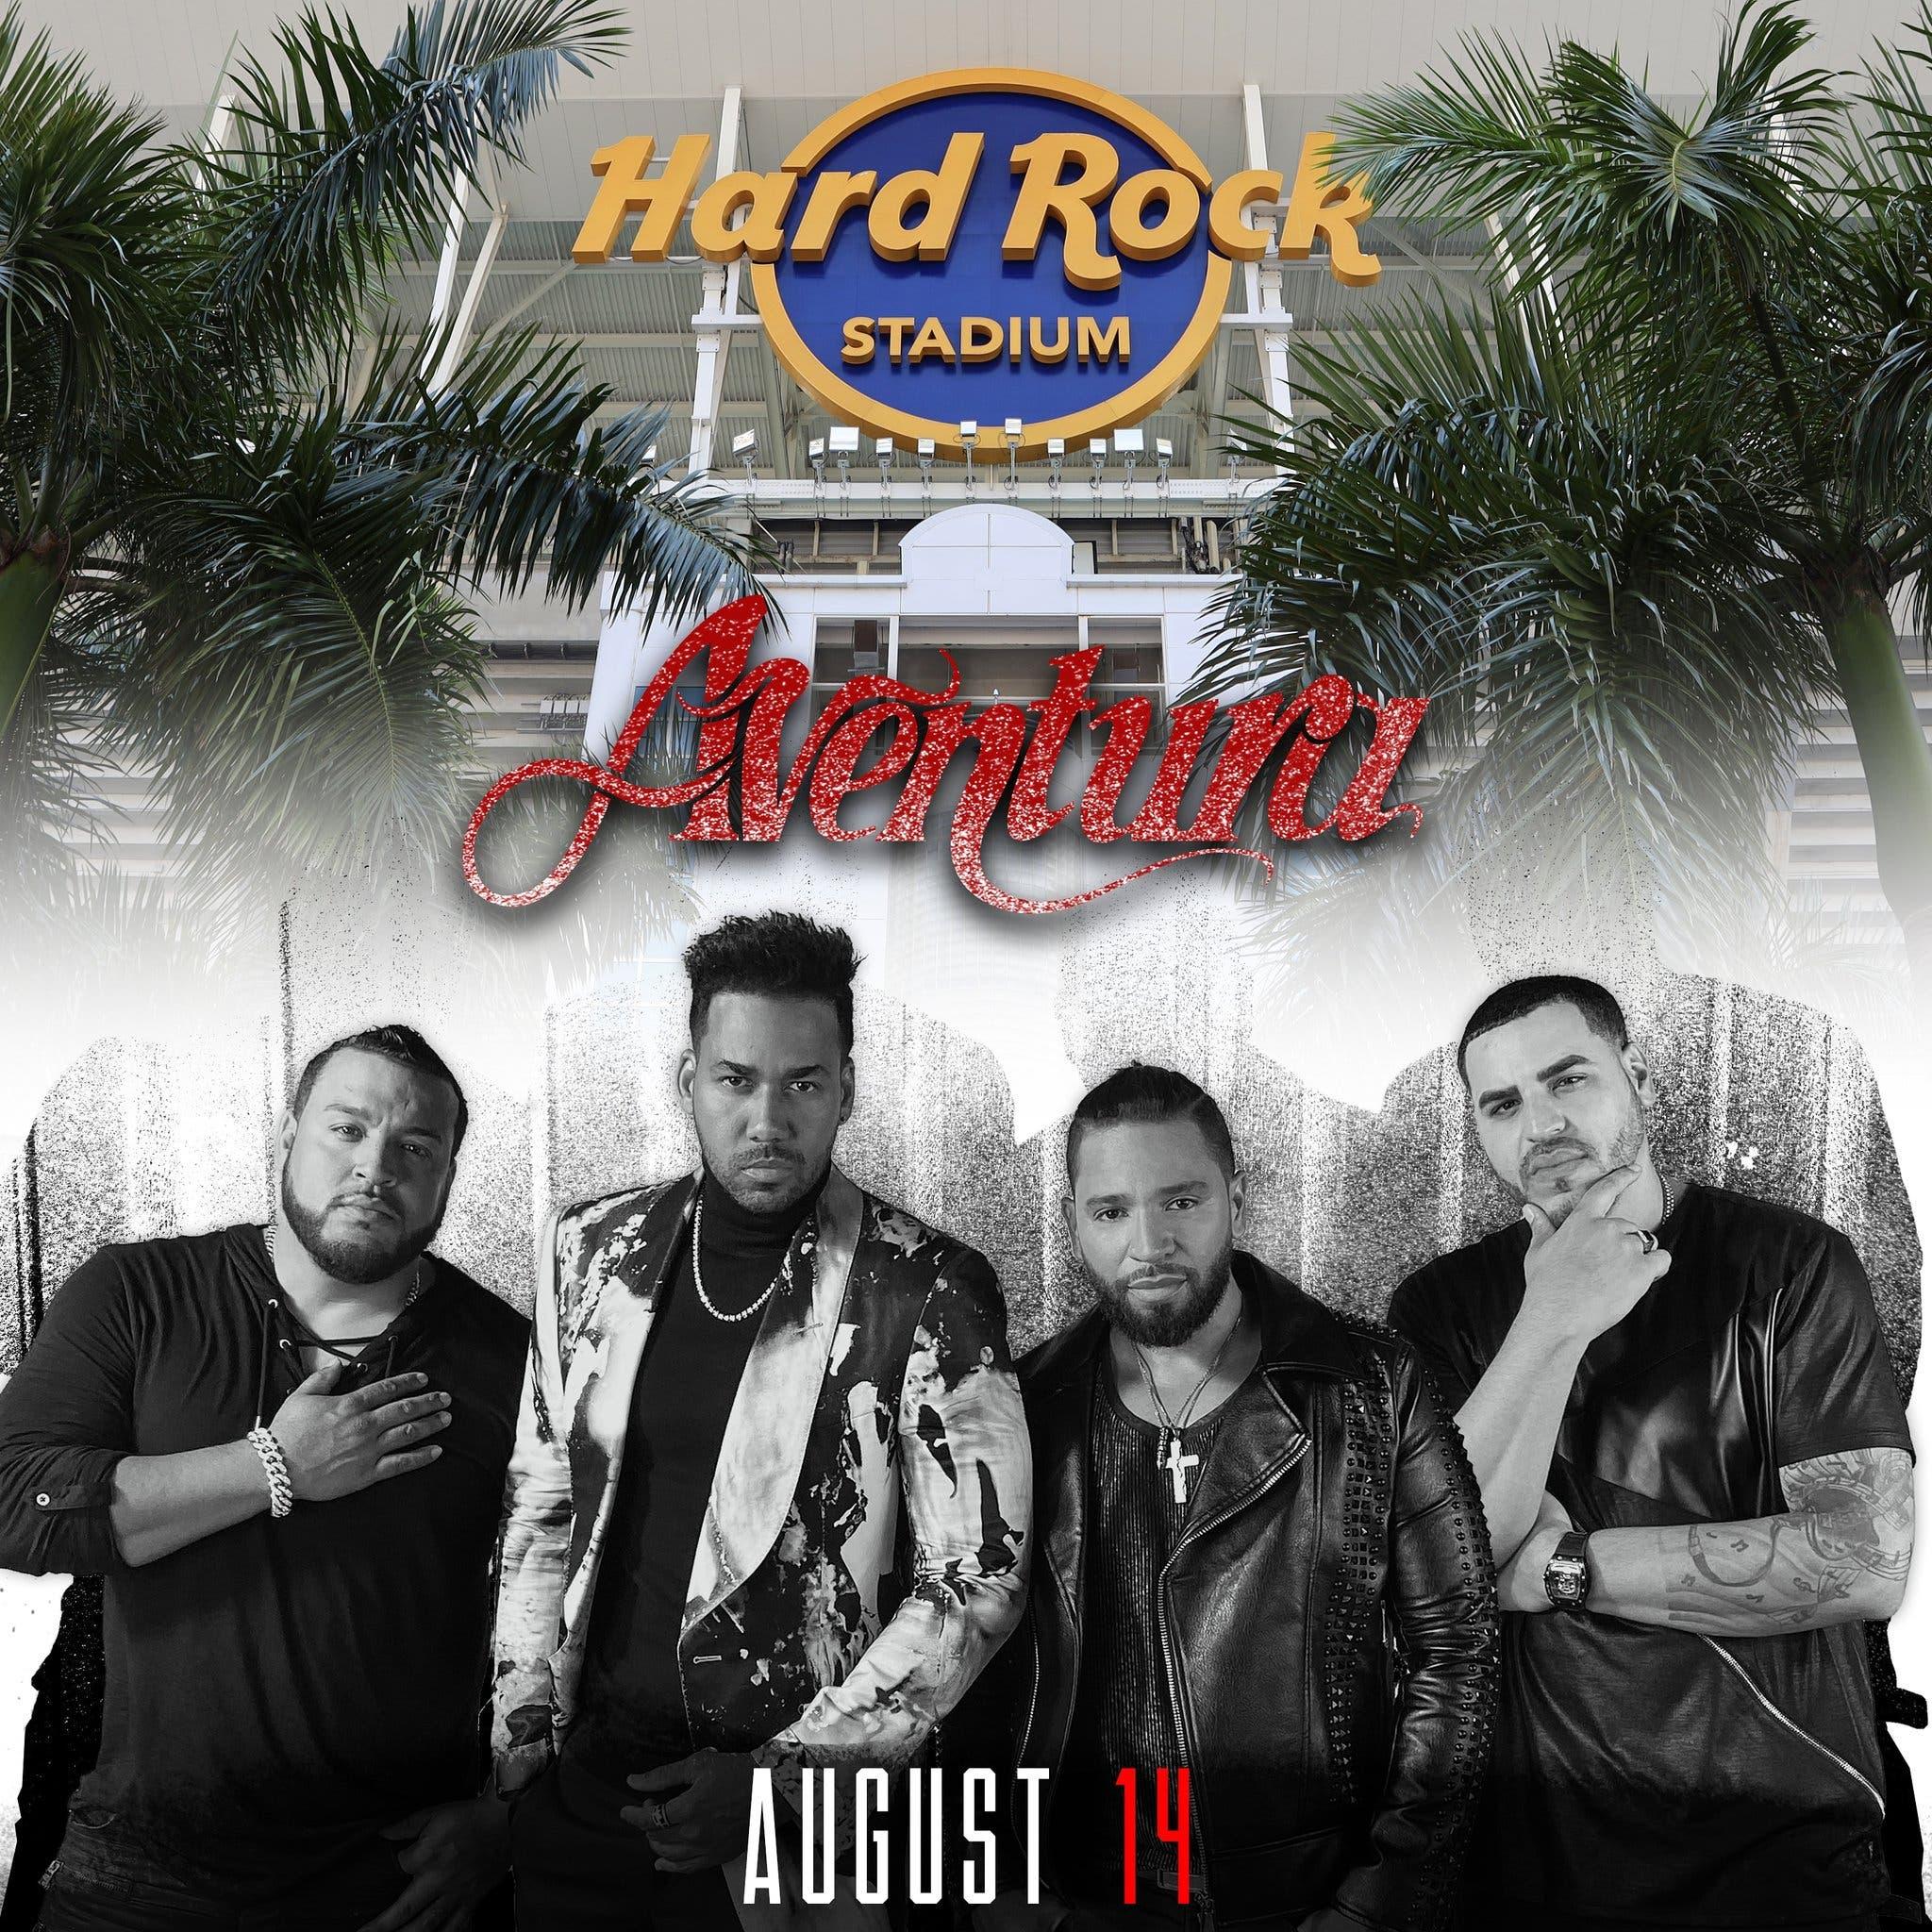 El último concierto de Aventura será en Miami el 14 de agosto